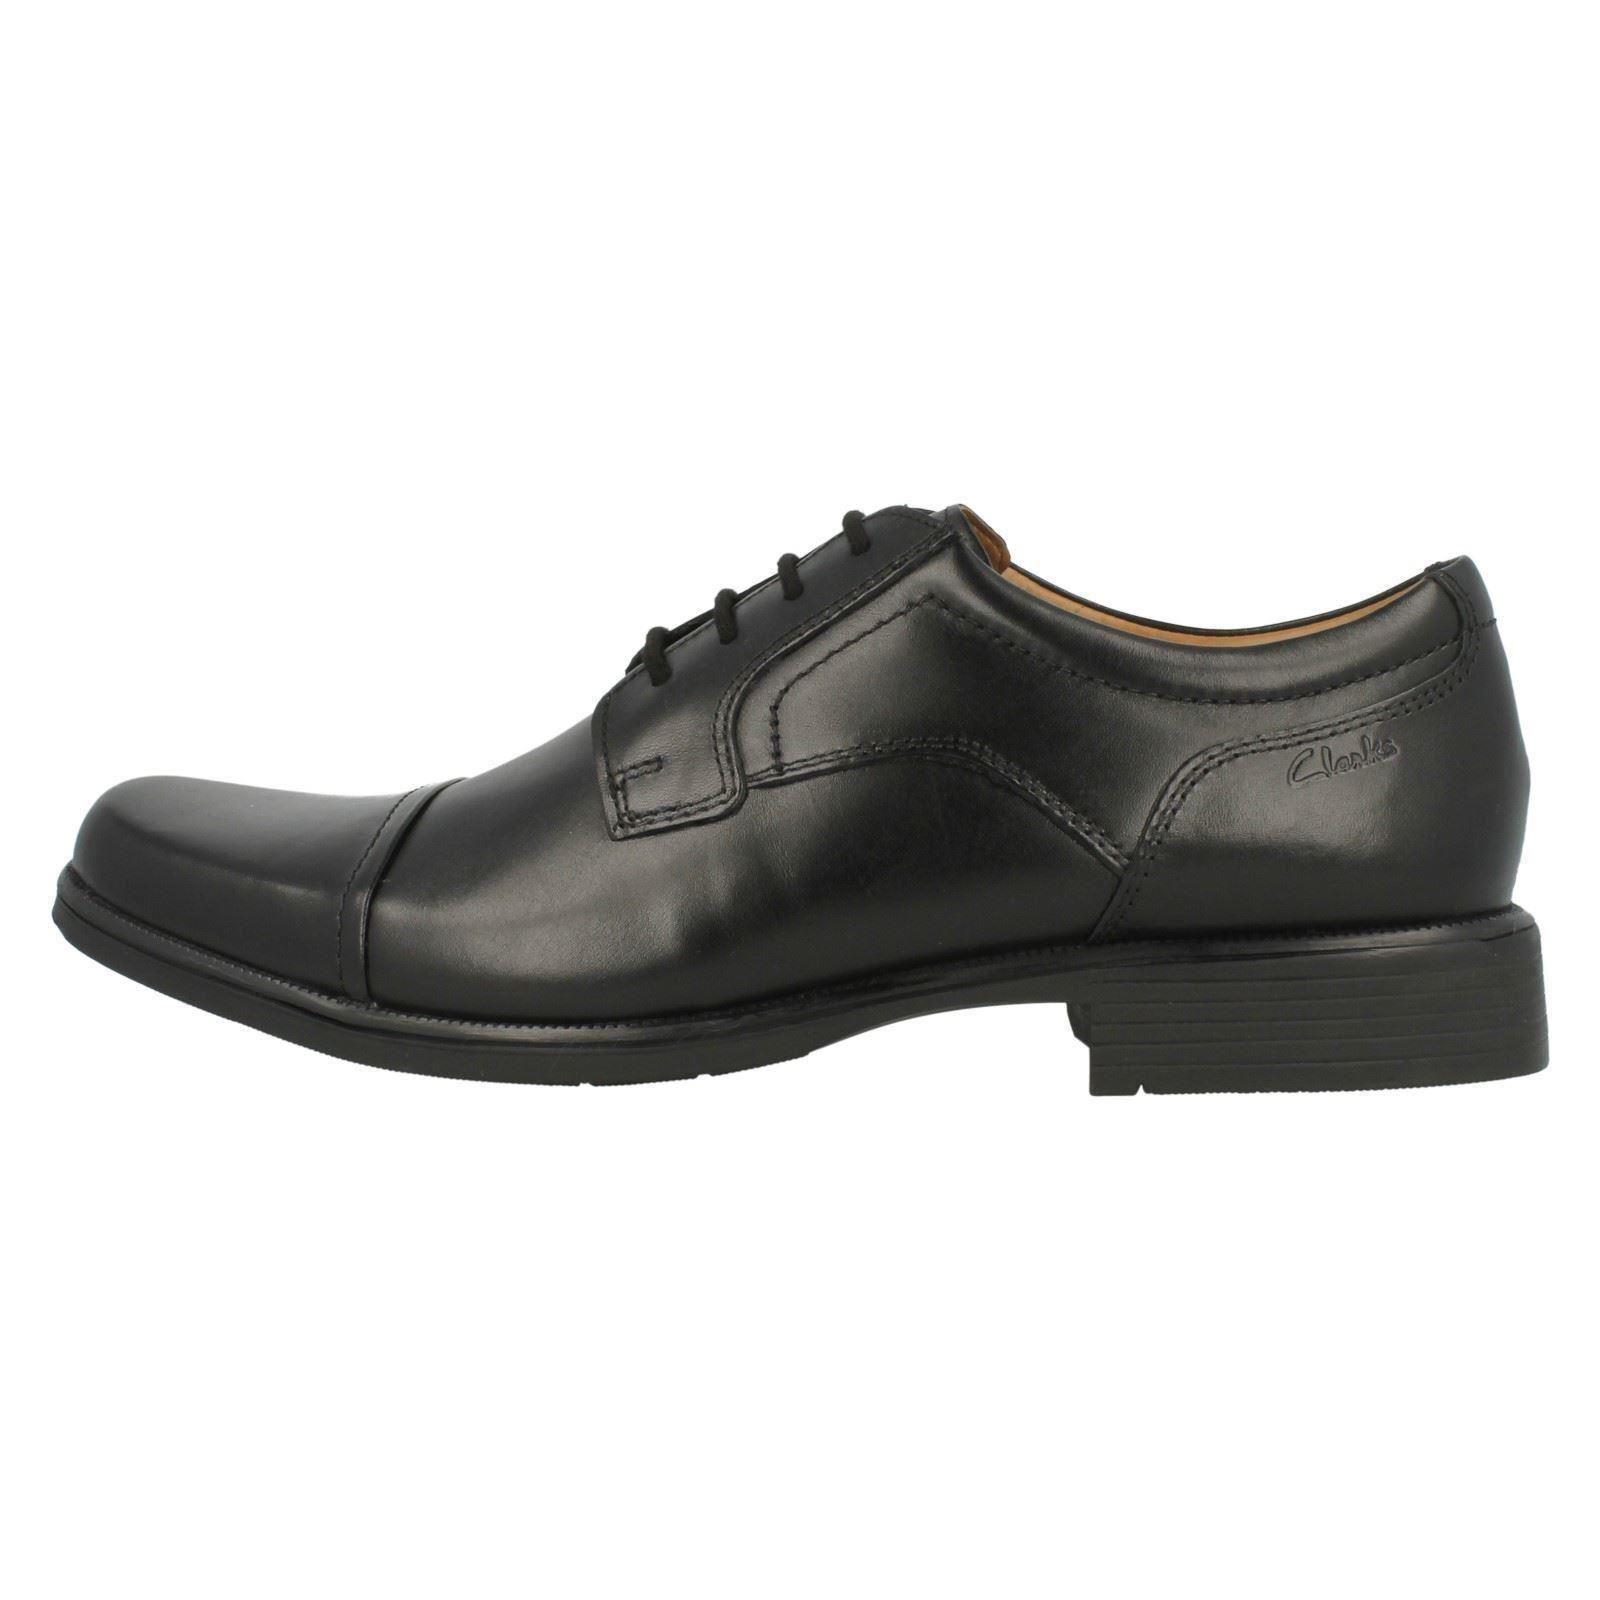 Hombre Clarks Negro Leather Zapatos Con Cordones Cordones Cordones Ajuste G huckley gorra 55e8fc